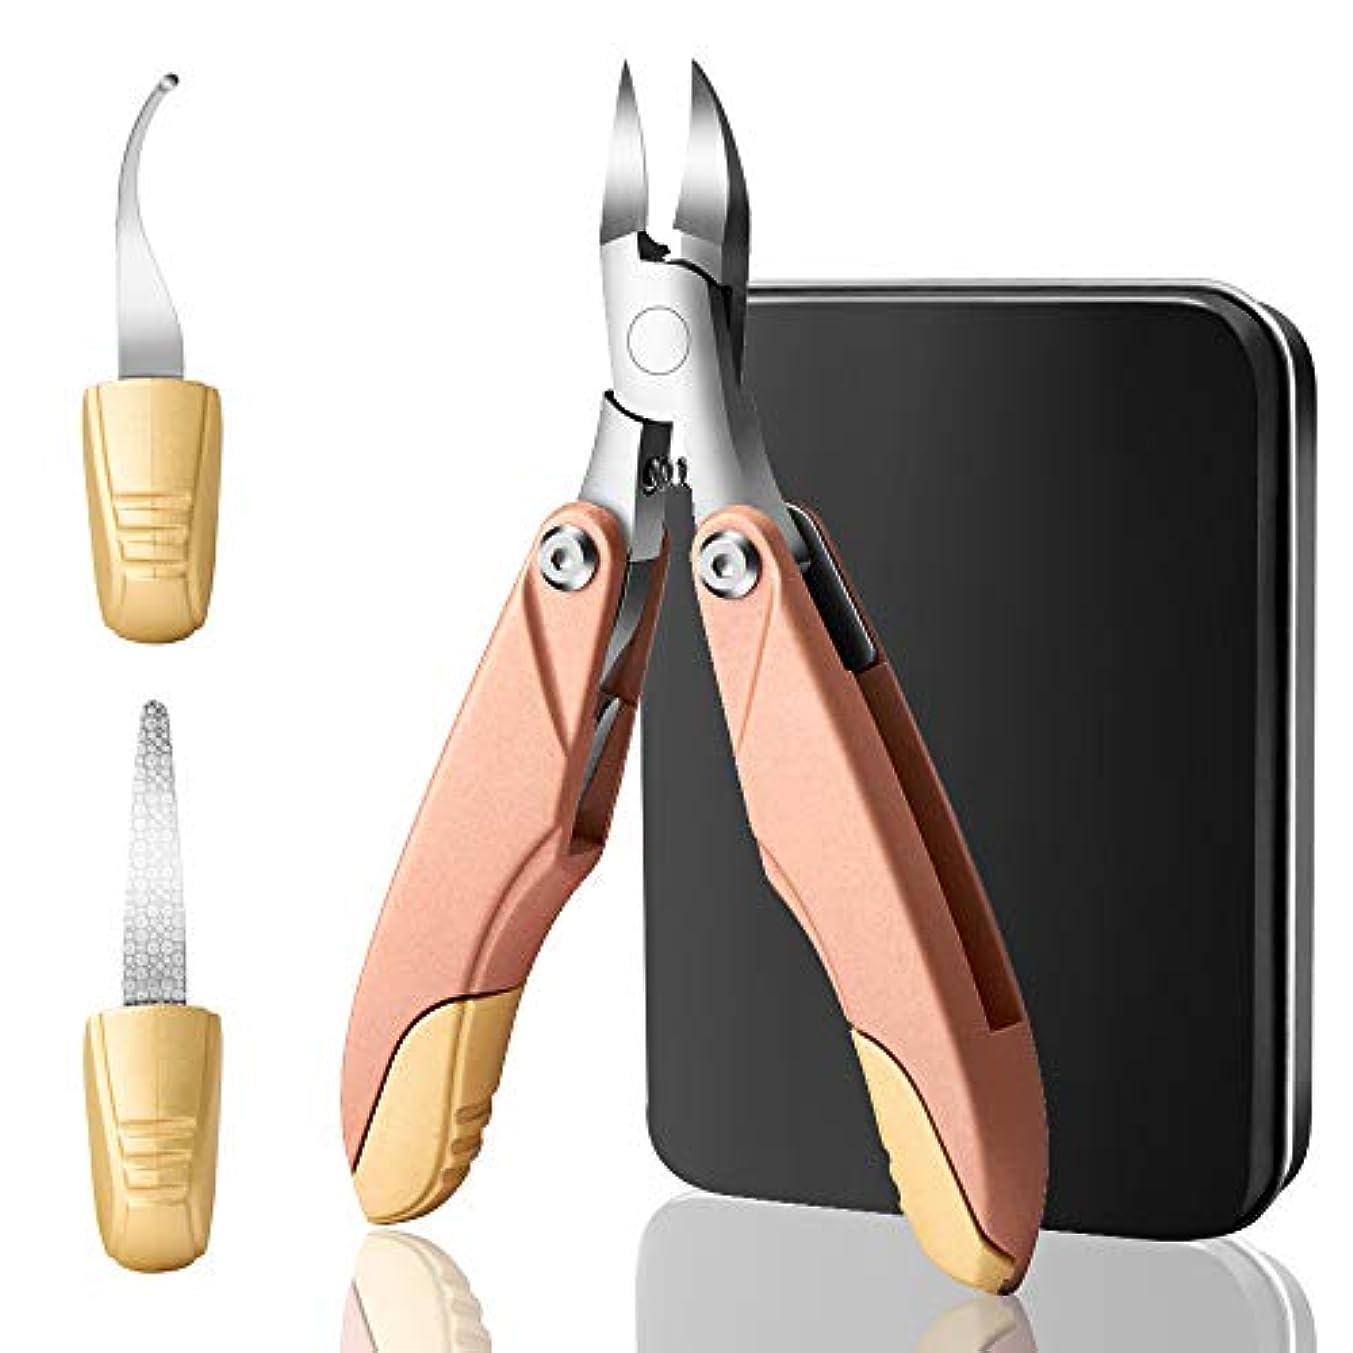 多用途リスラップトップYunTech 爪切り3in1 ニッパー爪切り ステンレス製 折り畳み式 巻き爪 硬い爪などにも対応 ゾンデ/爪やすり付き 手足兼用 収納ケース付き (ローズゴールド)